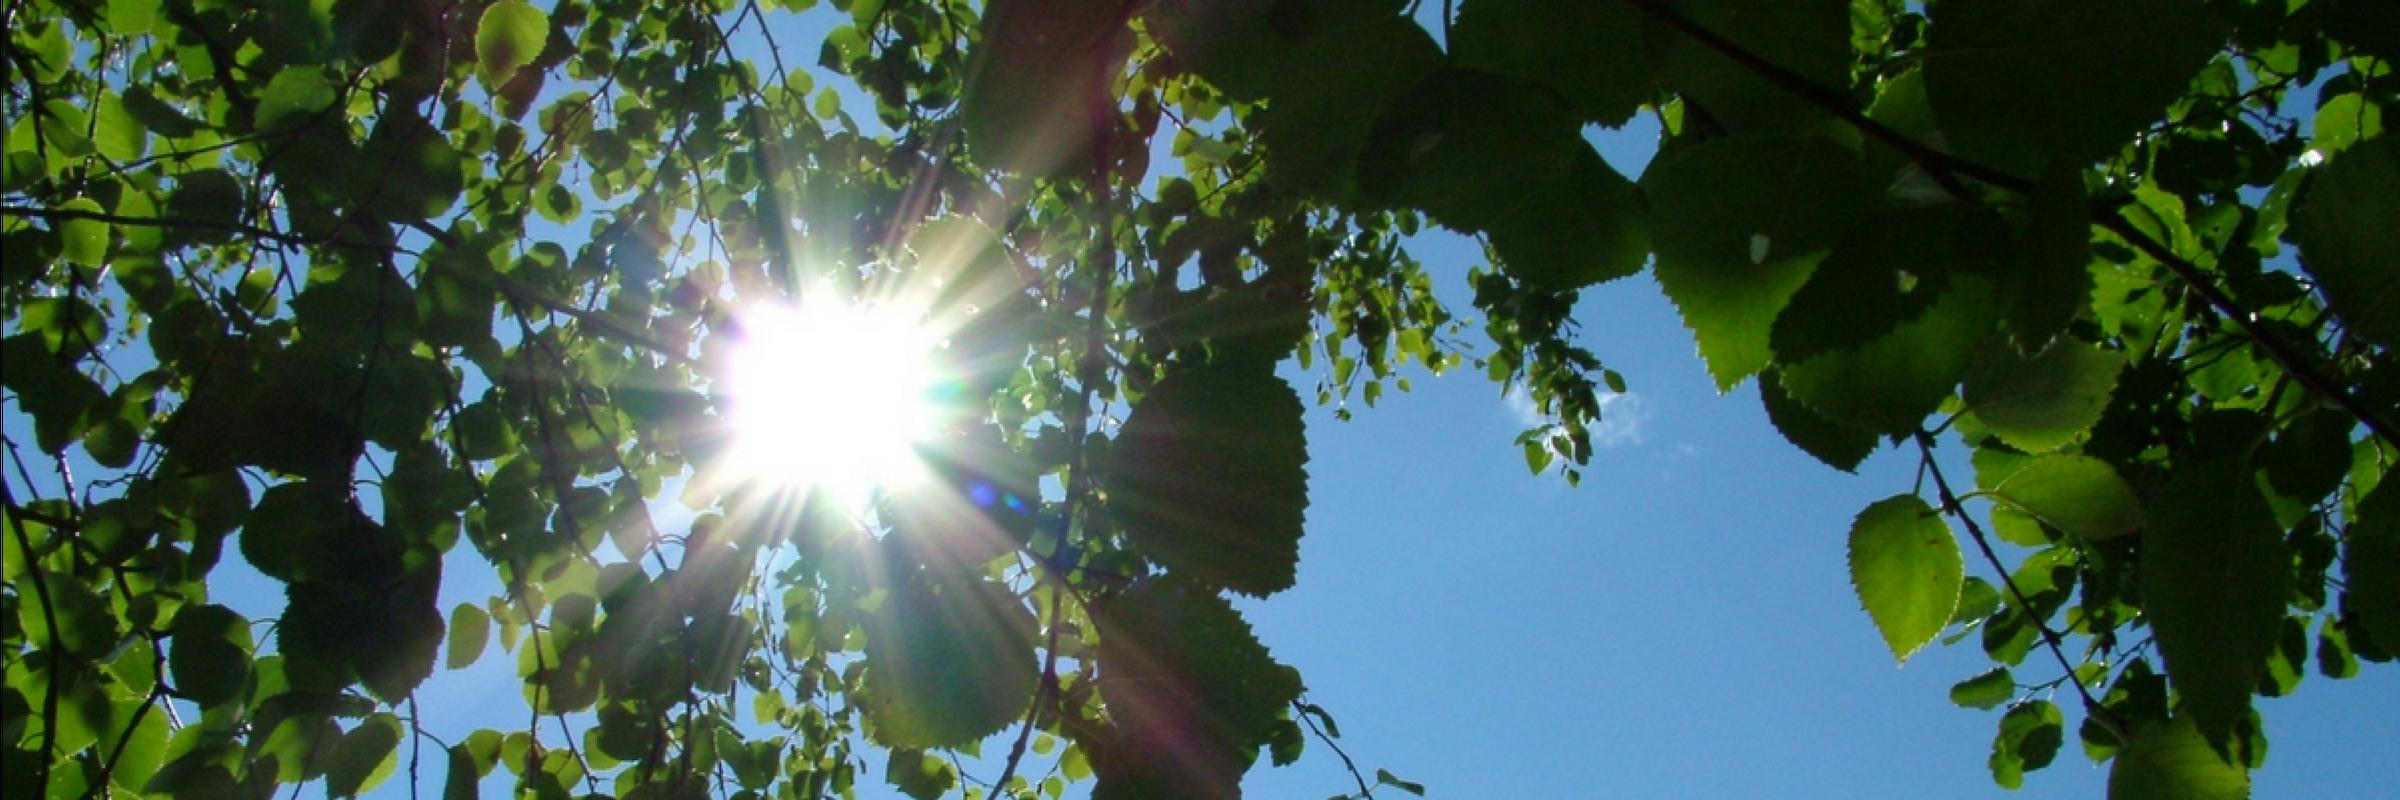 Sunlight Slider Image